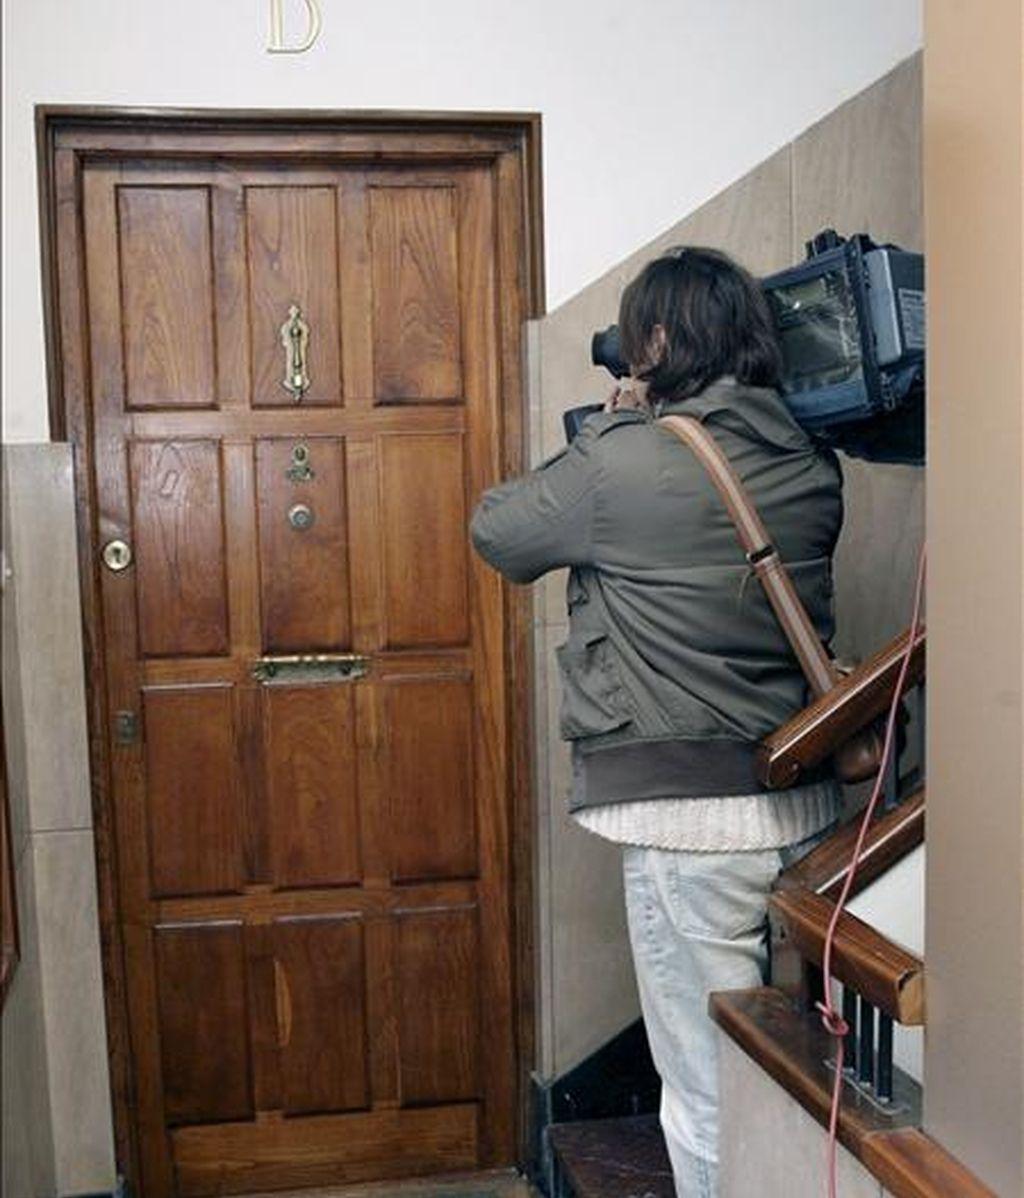 Un operador de cámara graba la entrada al piso, en el número 1 de la calle Barrenkale, en Gernika (Vizcaya), en el que una mujer fue asesinada tras ser agredida con una navaja por su marido en el transcurso de una discusión familiar y en presencia de un hijo menor de edad y una hija de 19 años, quien también resultó herida. EFE